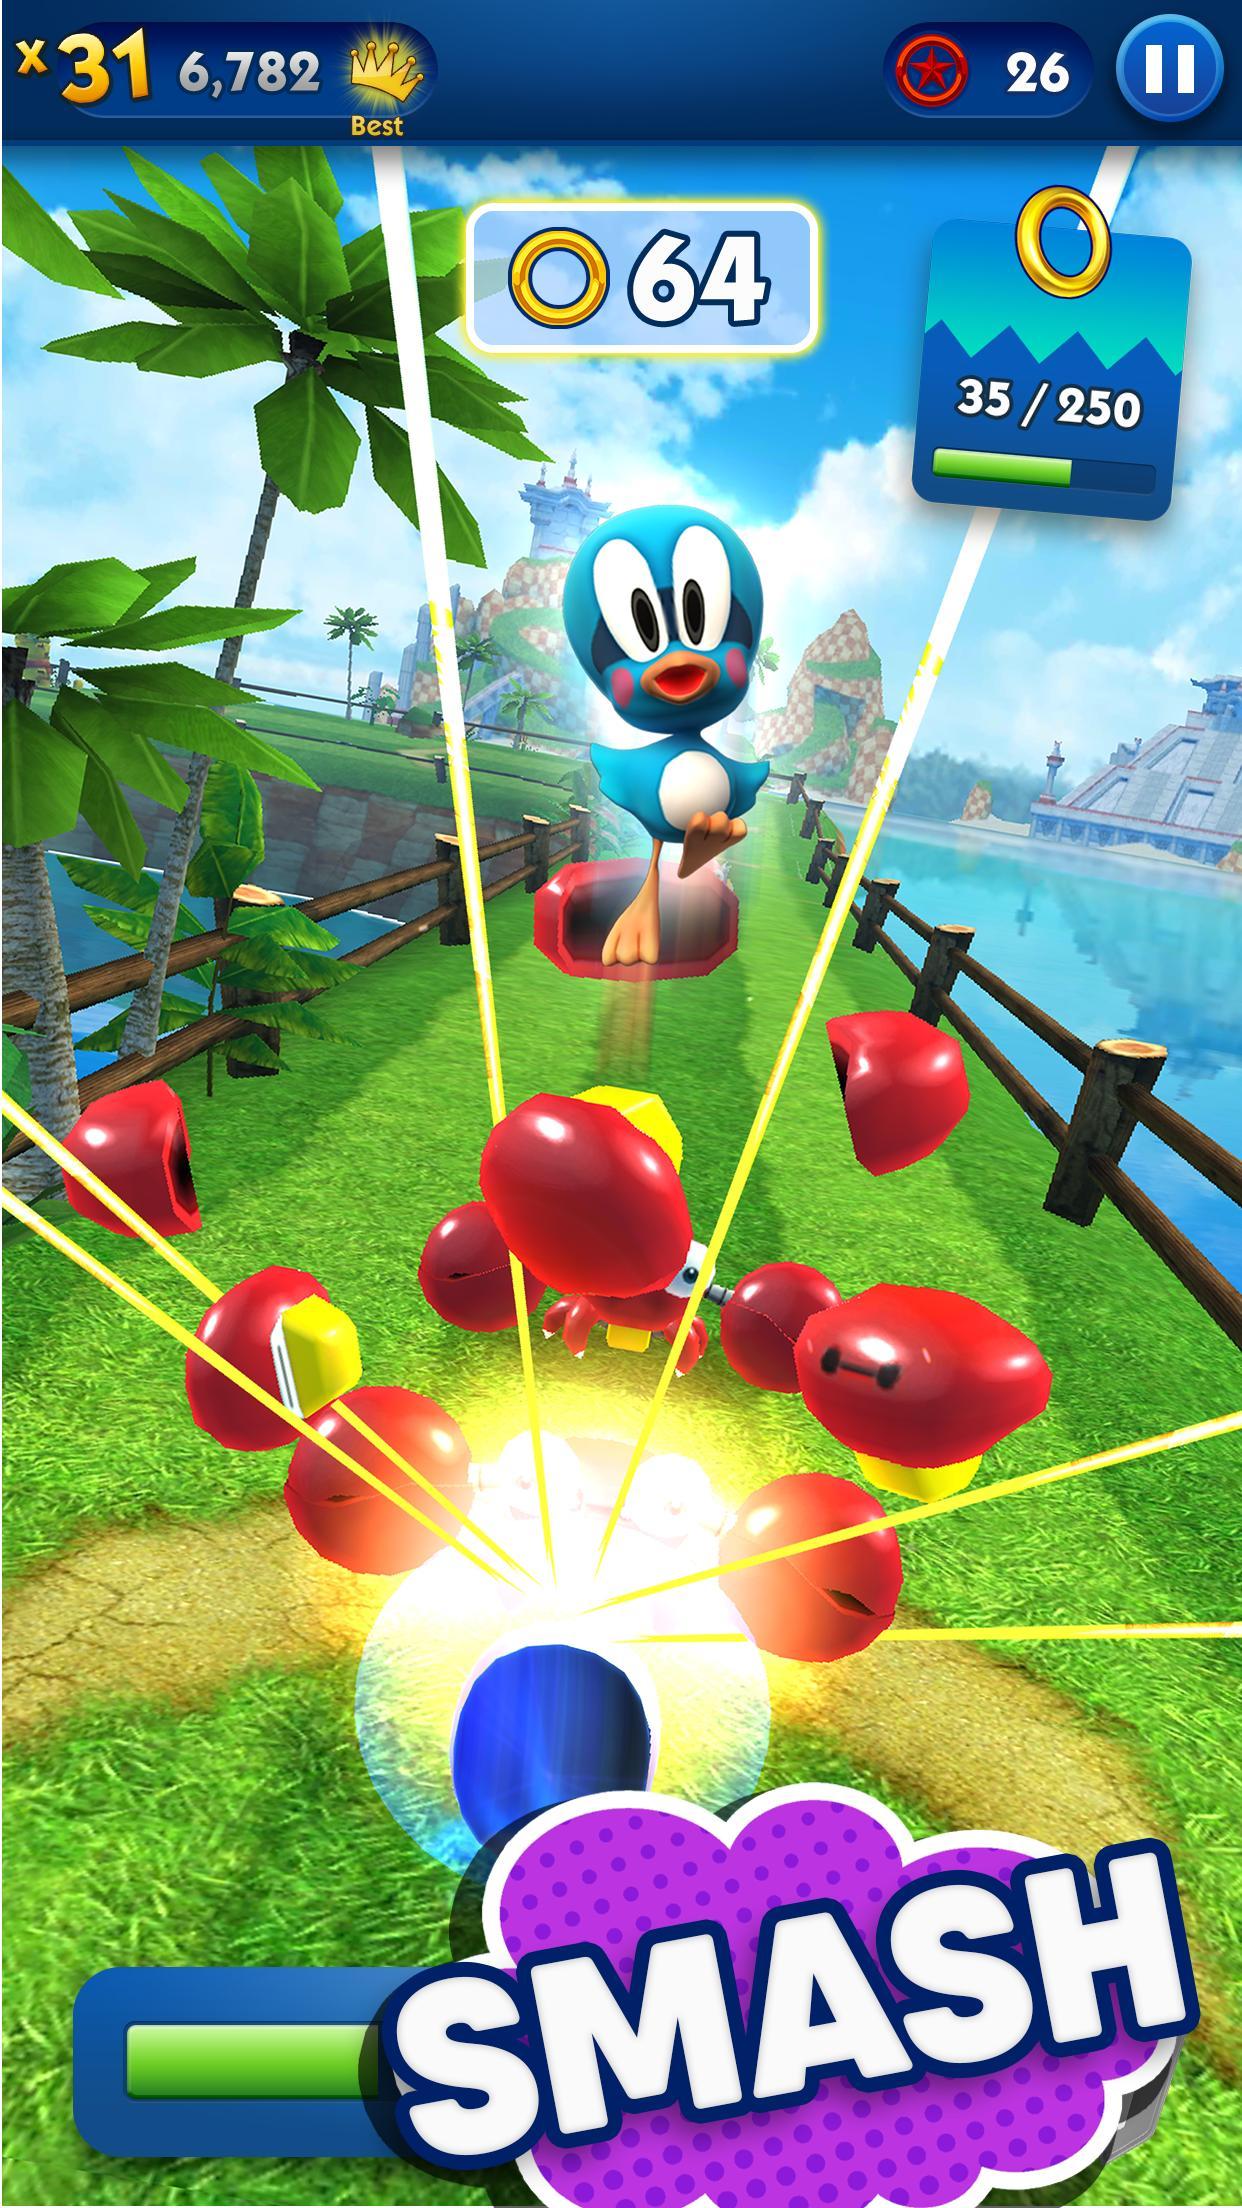 Sonic Dash - Endless Running & Racing Game 4.14.0 Screenshot 4